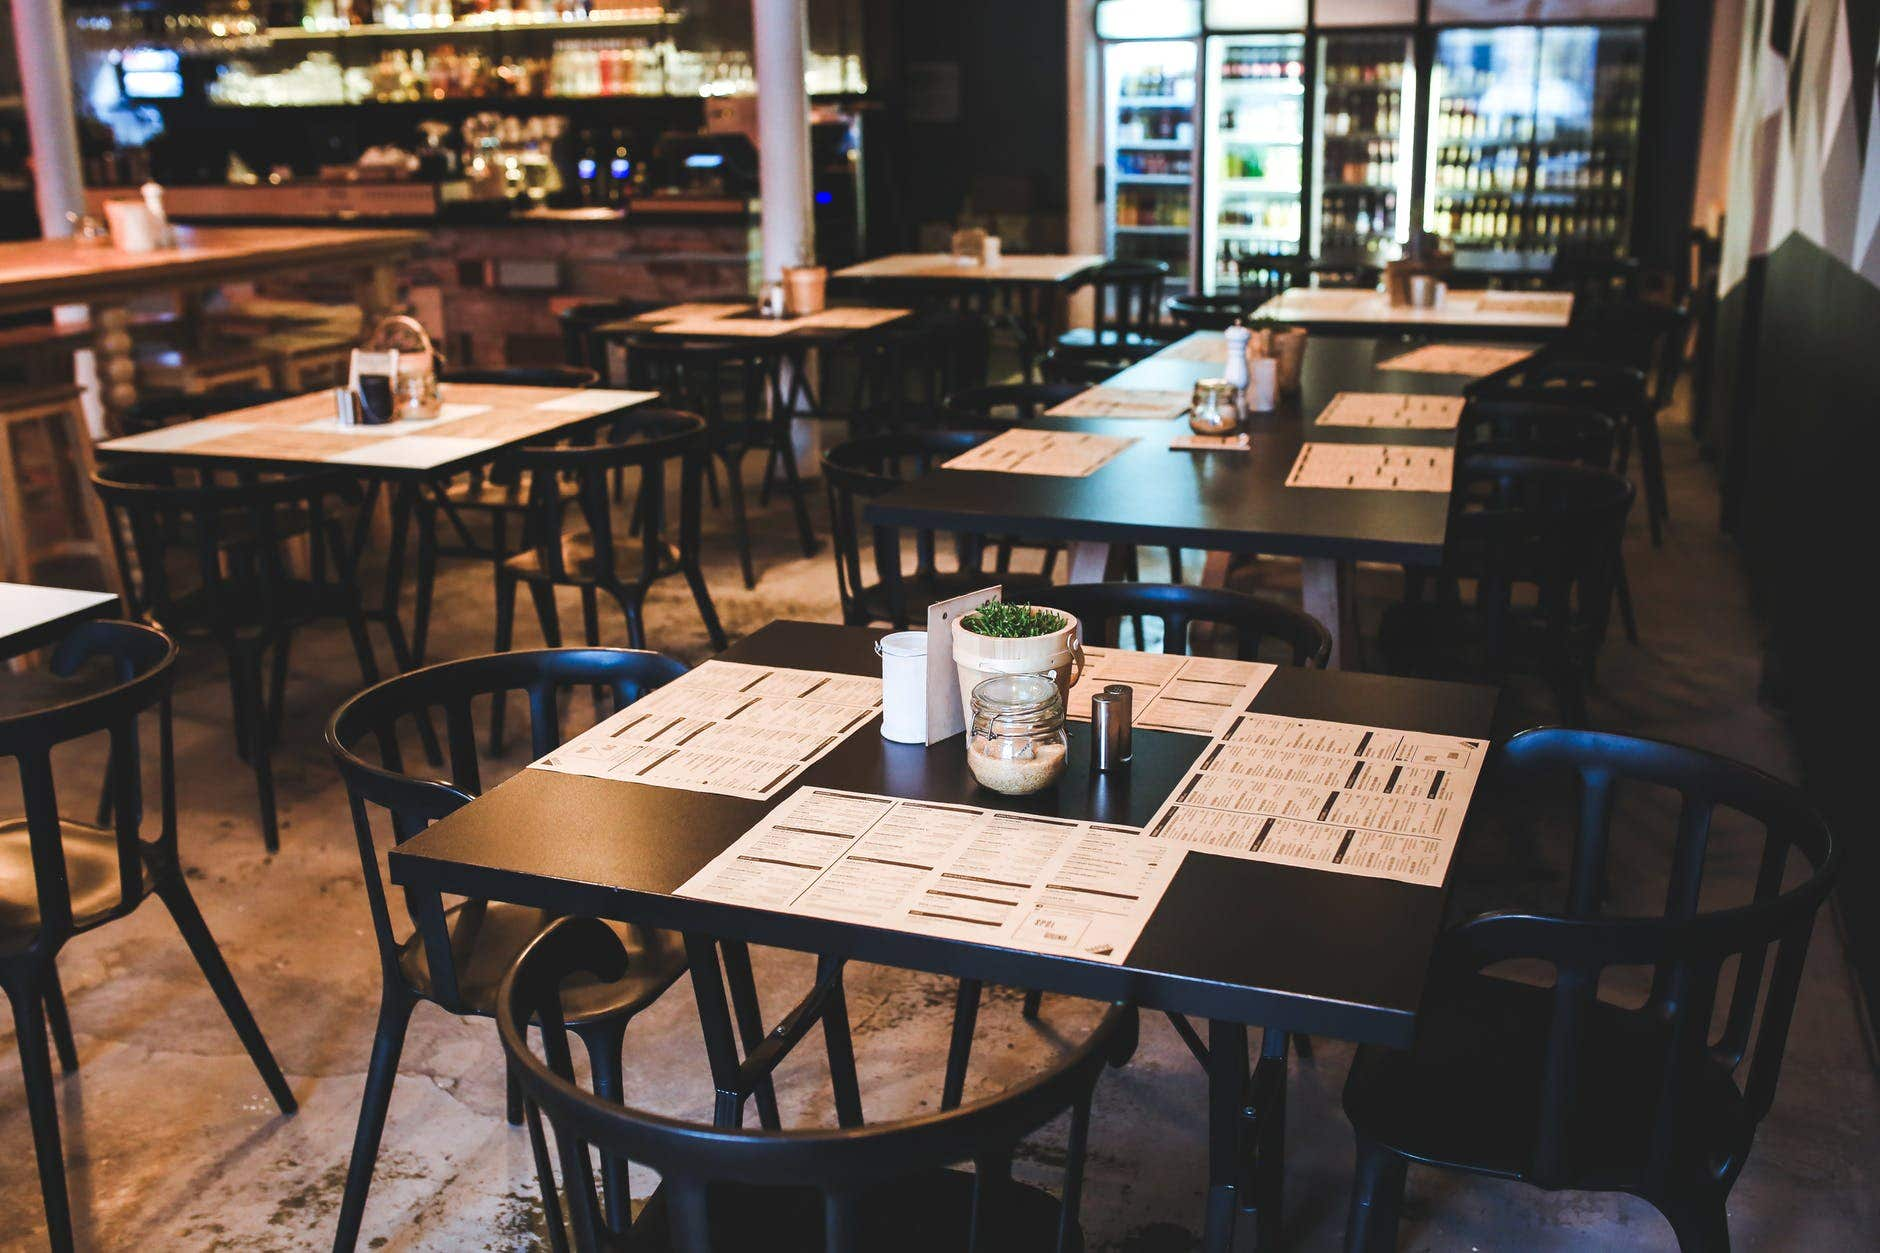 restaurantflyerfeature